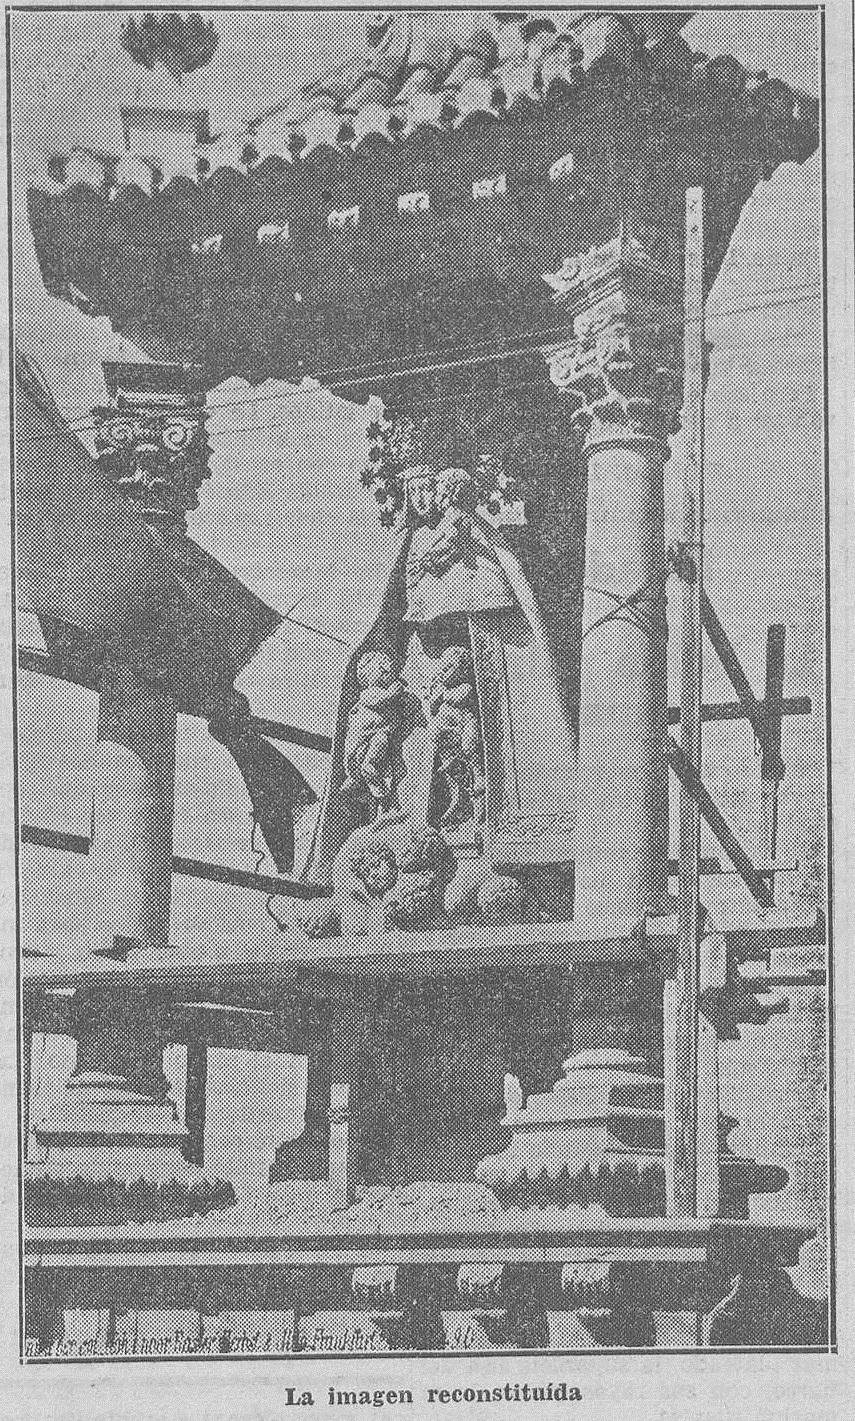 Imagen, todavía con andamios, del 12 de octubre publicada en Las Provincias el 13 de octubre de 1933.